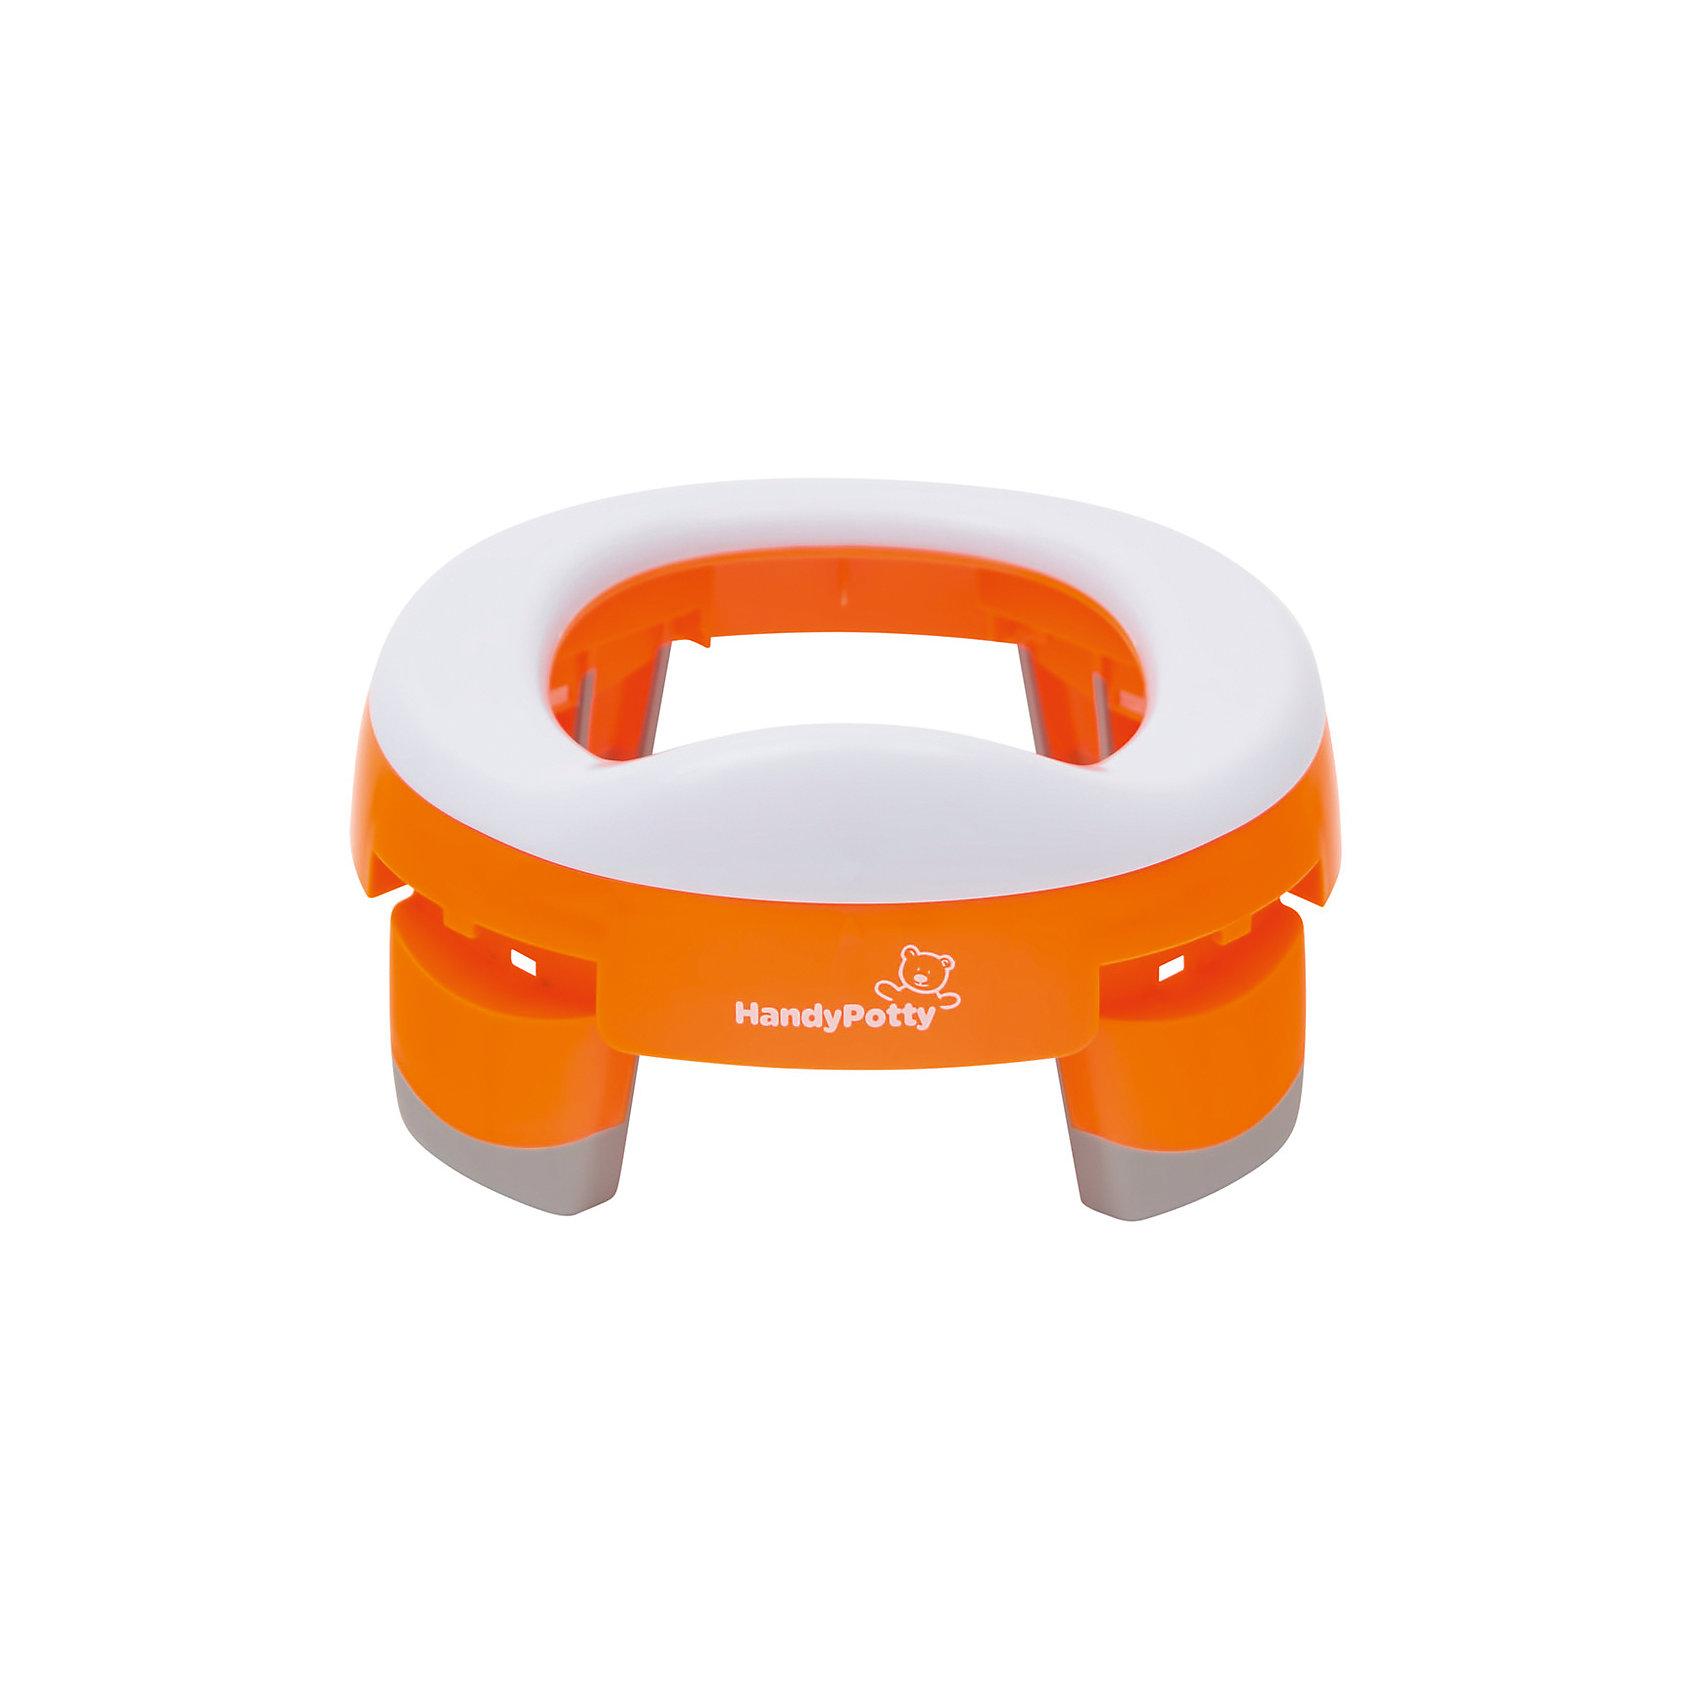 Дорожный горшок и насадка на унитаз HandyPotty, оранжевыйГоршки, сиденья для унитаза, стульчики-подставки<br>Дорожный горшок и насадка на унитаз HandyPotty (Хэнди Потти) – это незаменимый аксессуар дома, на прогулке или в длительной поездке с малышом.<br>Горшок HandyPotty (Хэнди Потти) - это простое приспособление сочетает в себе функции трех аксессуаров: обычного горшка, дорожного горшка и адаптера для унитаза, что позволяет использовать HandyPotty (Хэнди Потти) длительное время. Многофункциональность складного горшка обеспечивает продуманная конструкция: широкое пластиковое сиденье установлено на четыре широкие устойчивые ножки. Сиденье имеет небольшой барьер, предотвращающий разбрызгивание. Чтобы выбрать нужную функцию, достаточно изменить положение ножек, установив горшок на комфортную высоту, и воспользоваться дополнительными аксессуарами, такими как силиконовая вкладка, которая легко вынимается и моется. В дороге можно пользоваться сменными пакетами. Пакеты кладутся под сиденье, так что ребенок не испытывает никаких дискомфортных ощущений. Для удобства переноски ножки складываются внутрь, горшок легко помещается в удобную сумку, так что приспособление занимает минимум места. Вы можете использовать HandyPotty (Хэнди Потти) в качестве детского сиденья на унитаз, просто развернув ножки в стороны до упора. Это позволяет ребенку безопасно сидеть на взрослом унитазе, и предотвращает контакт с бактериями, обитающими на крышке унитаза. Горшок выполнен аккуратно и надежно, поэтому он не сломается даже после многократного использования. Изделие имеет небольшой вес, выполнено из качественного гипоаллергенного материала.<br><br>Дополнительная информация:<br><br>- В комплекте: горшок, сумка<br>- Возраст: от 12 месяцев<br>- Максимальный вес ребенка: до 25 кг.<br>- Материал: полипропилен<br>- Цвет: оранжевый<br>- Высота в сложенном виде: 5 см.<br>- Высота в разложенном виде: 11,2 см.<br>- Размер упаковки: 24х24х8 см.<br>- Вес: 500 гр.<br><br>Дорожный горшок и насадка на унит